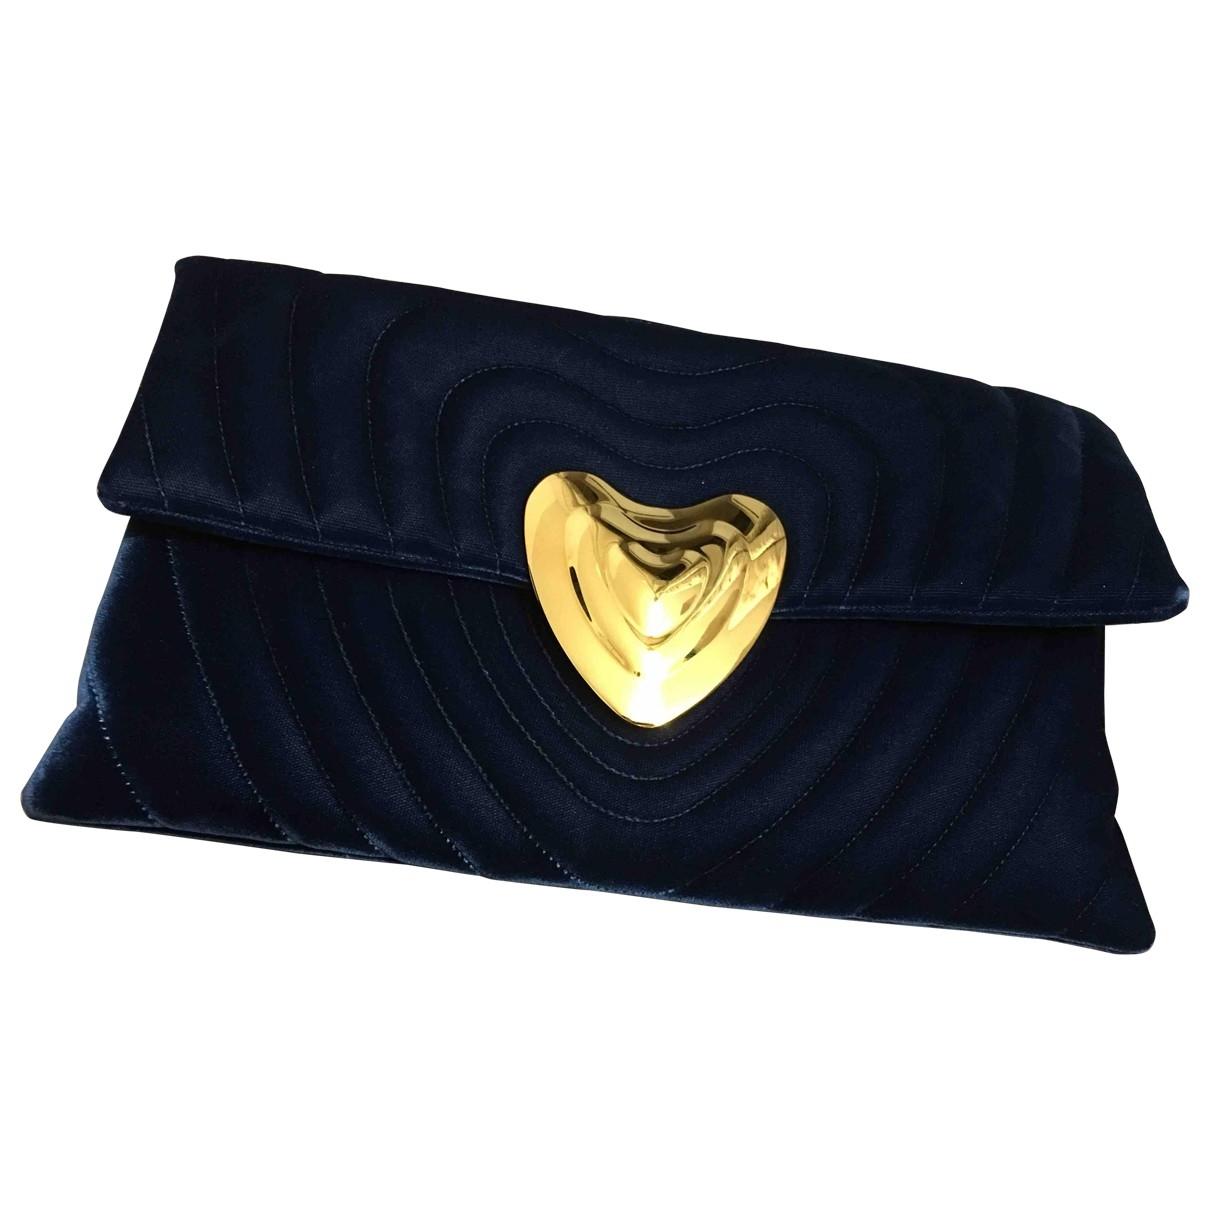 Pochette Heart bag de Terciopelo Escada